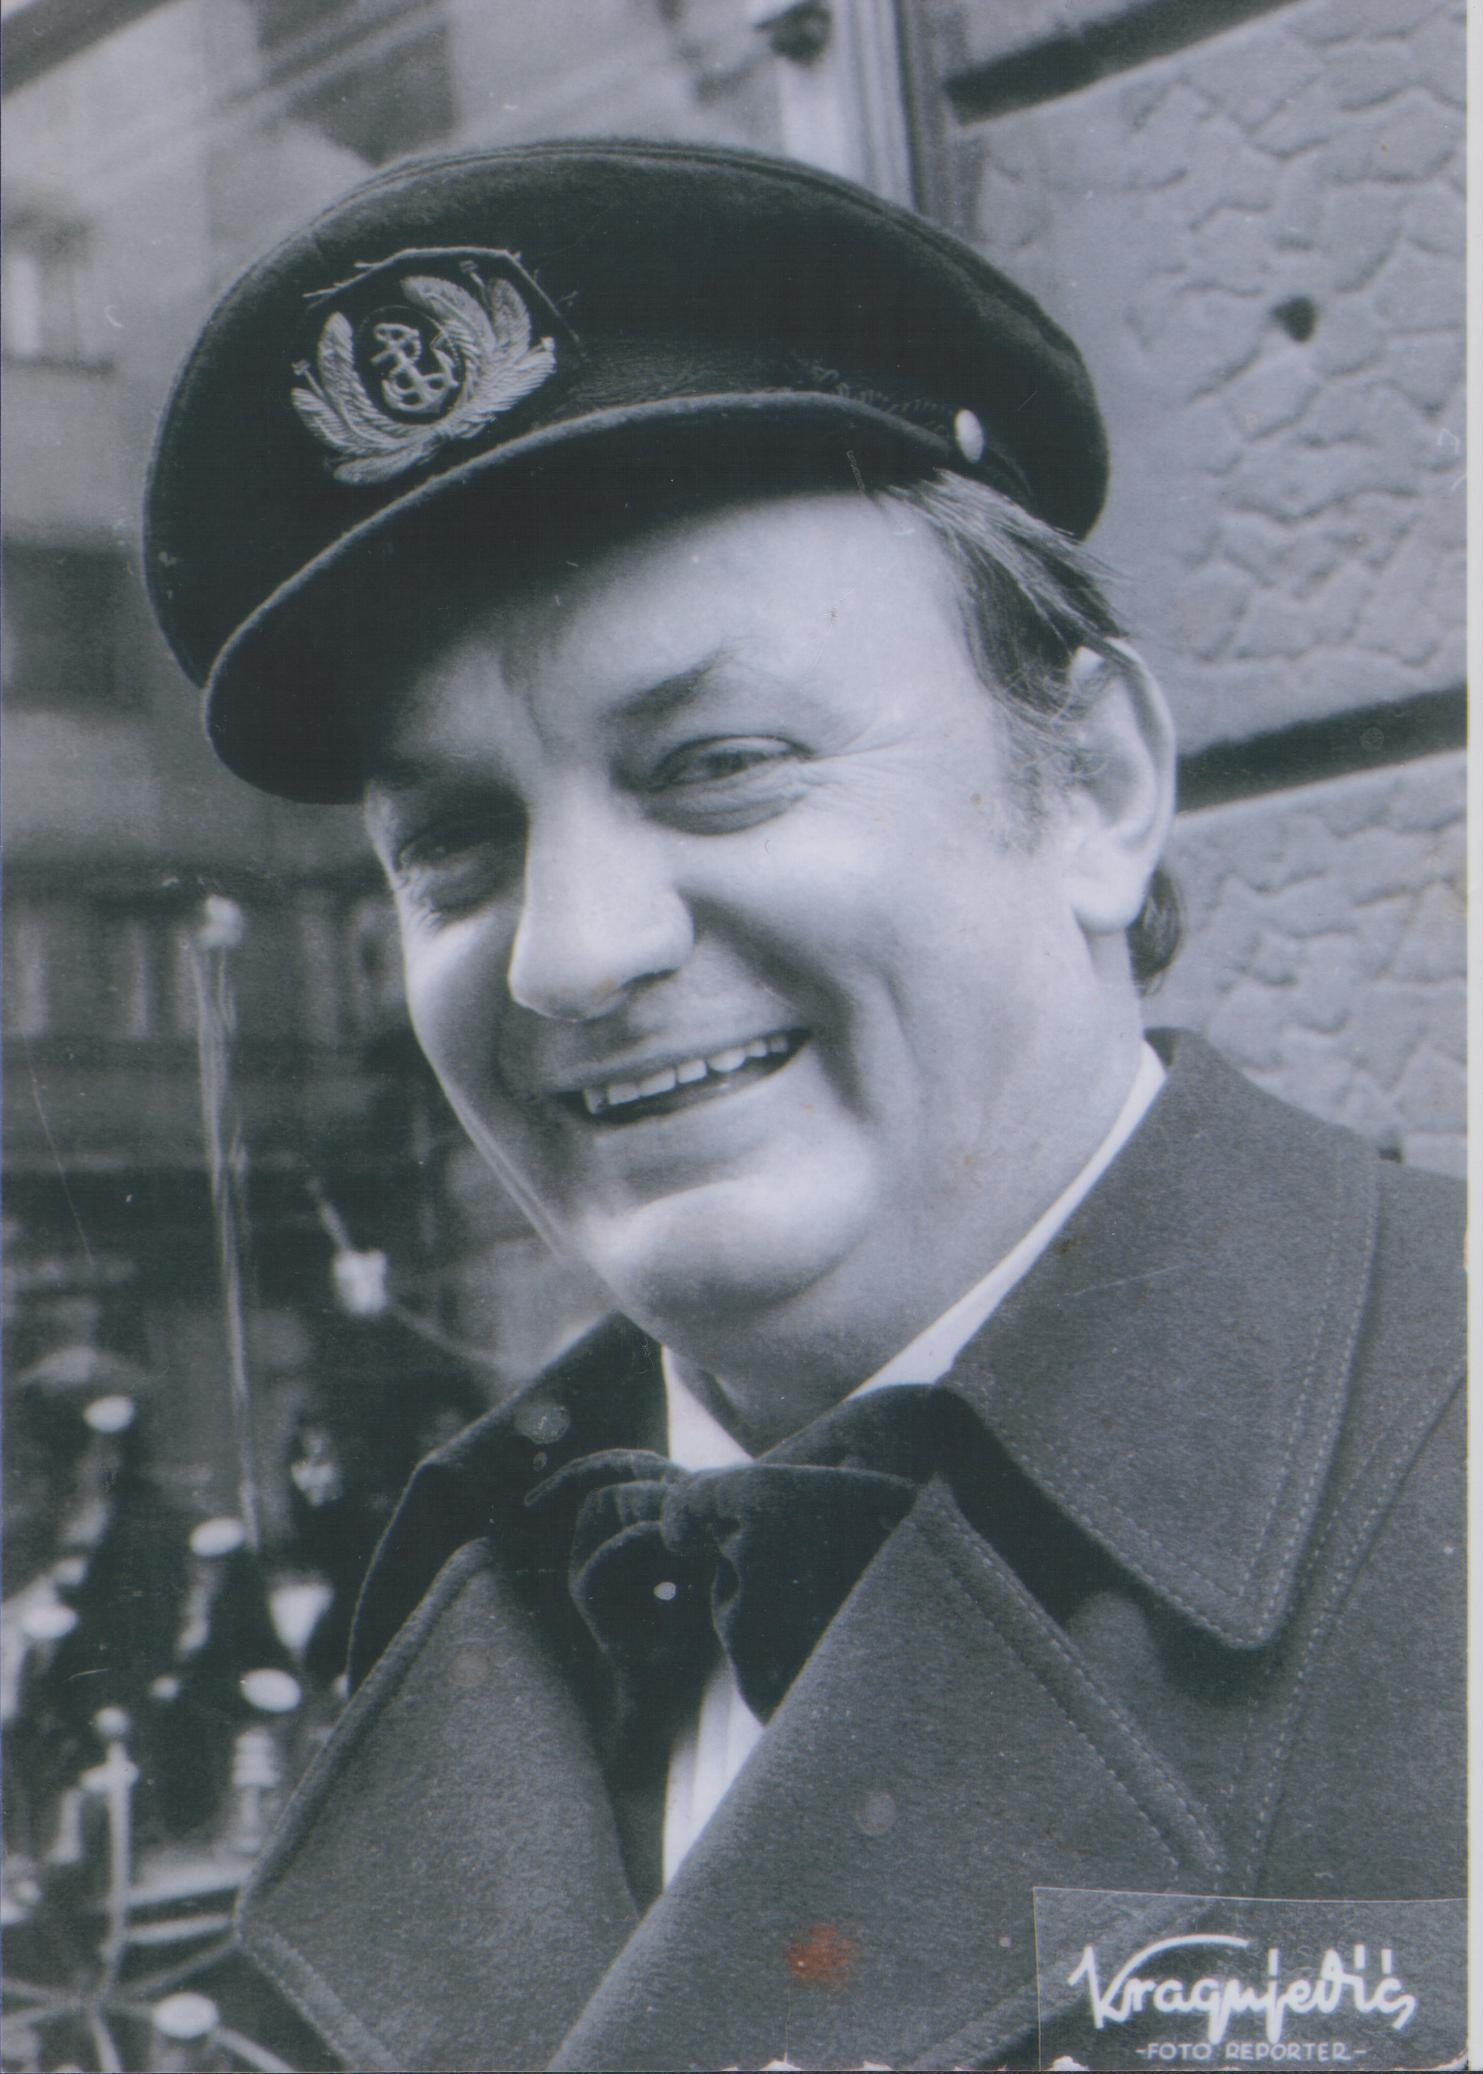 Slobodan Marković, Libero Markoni